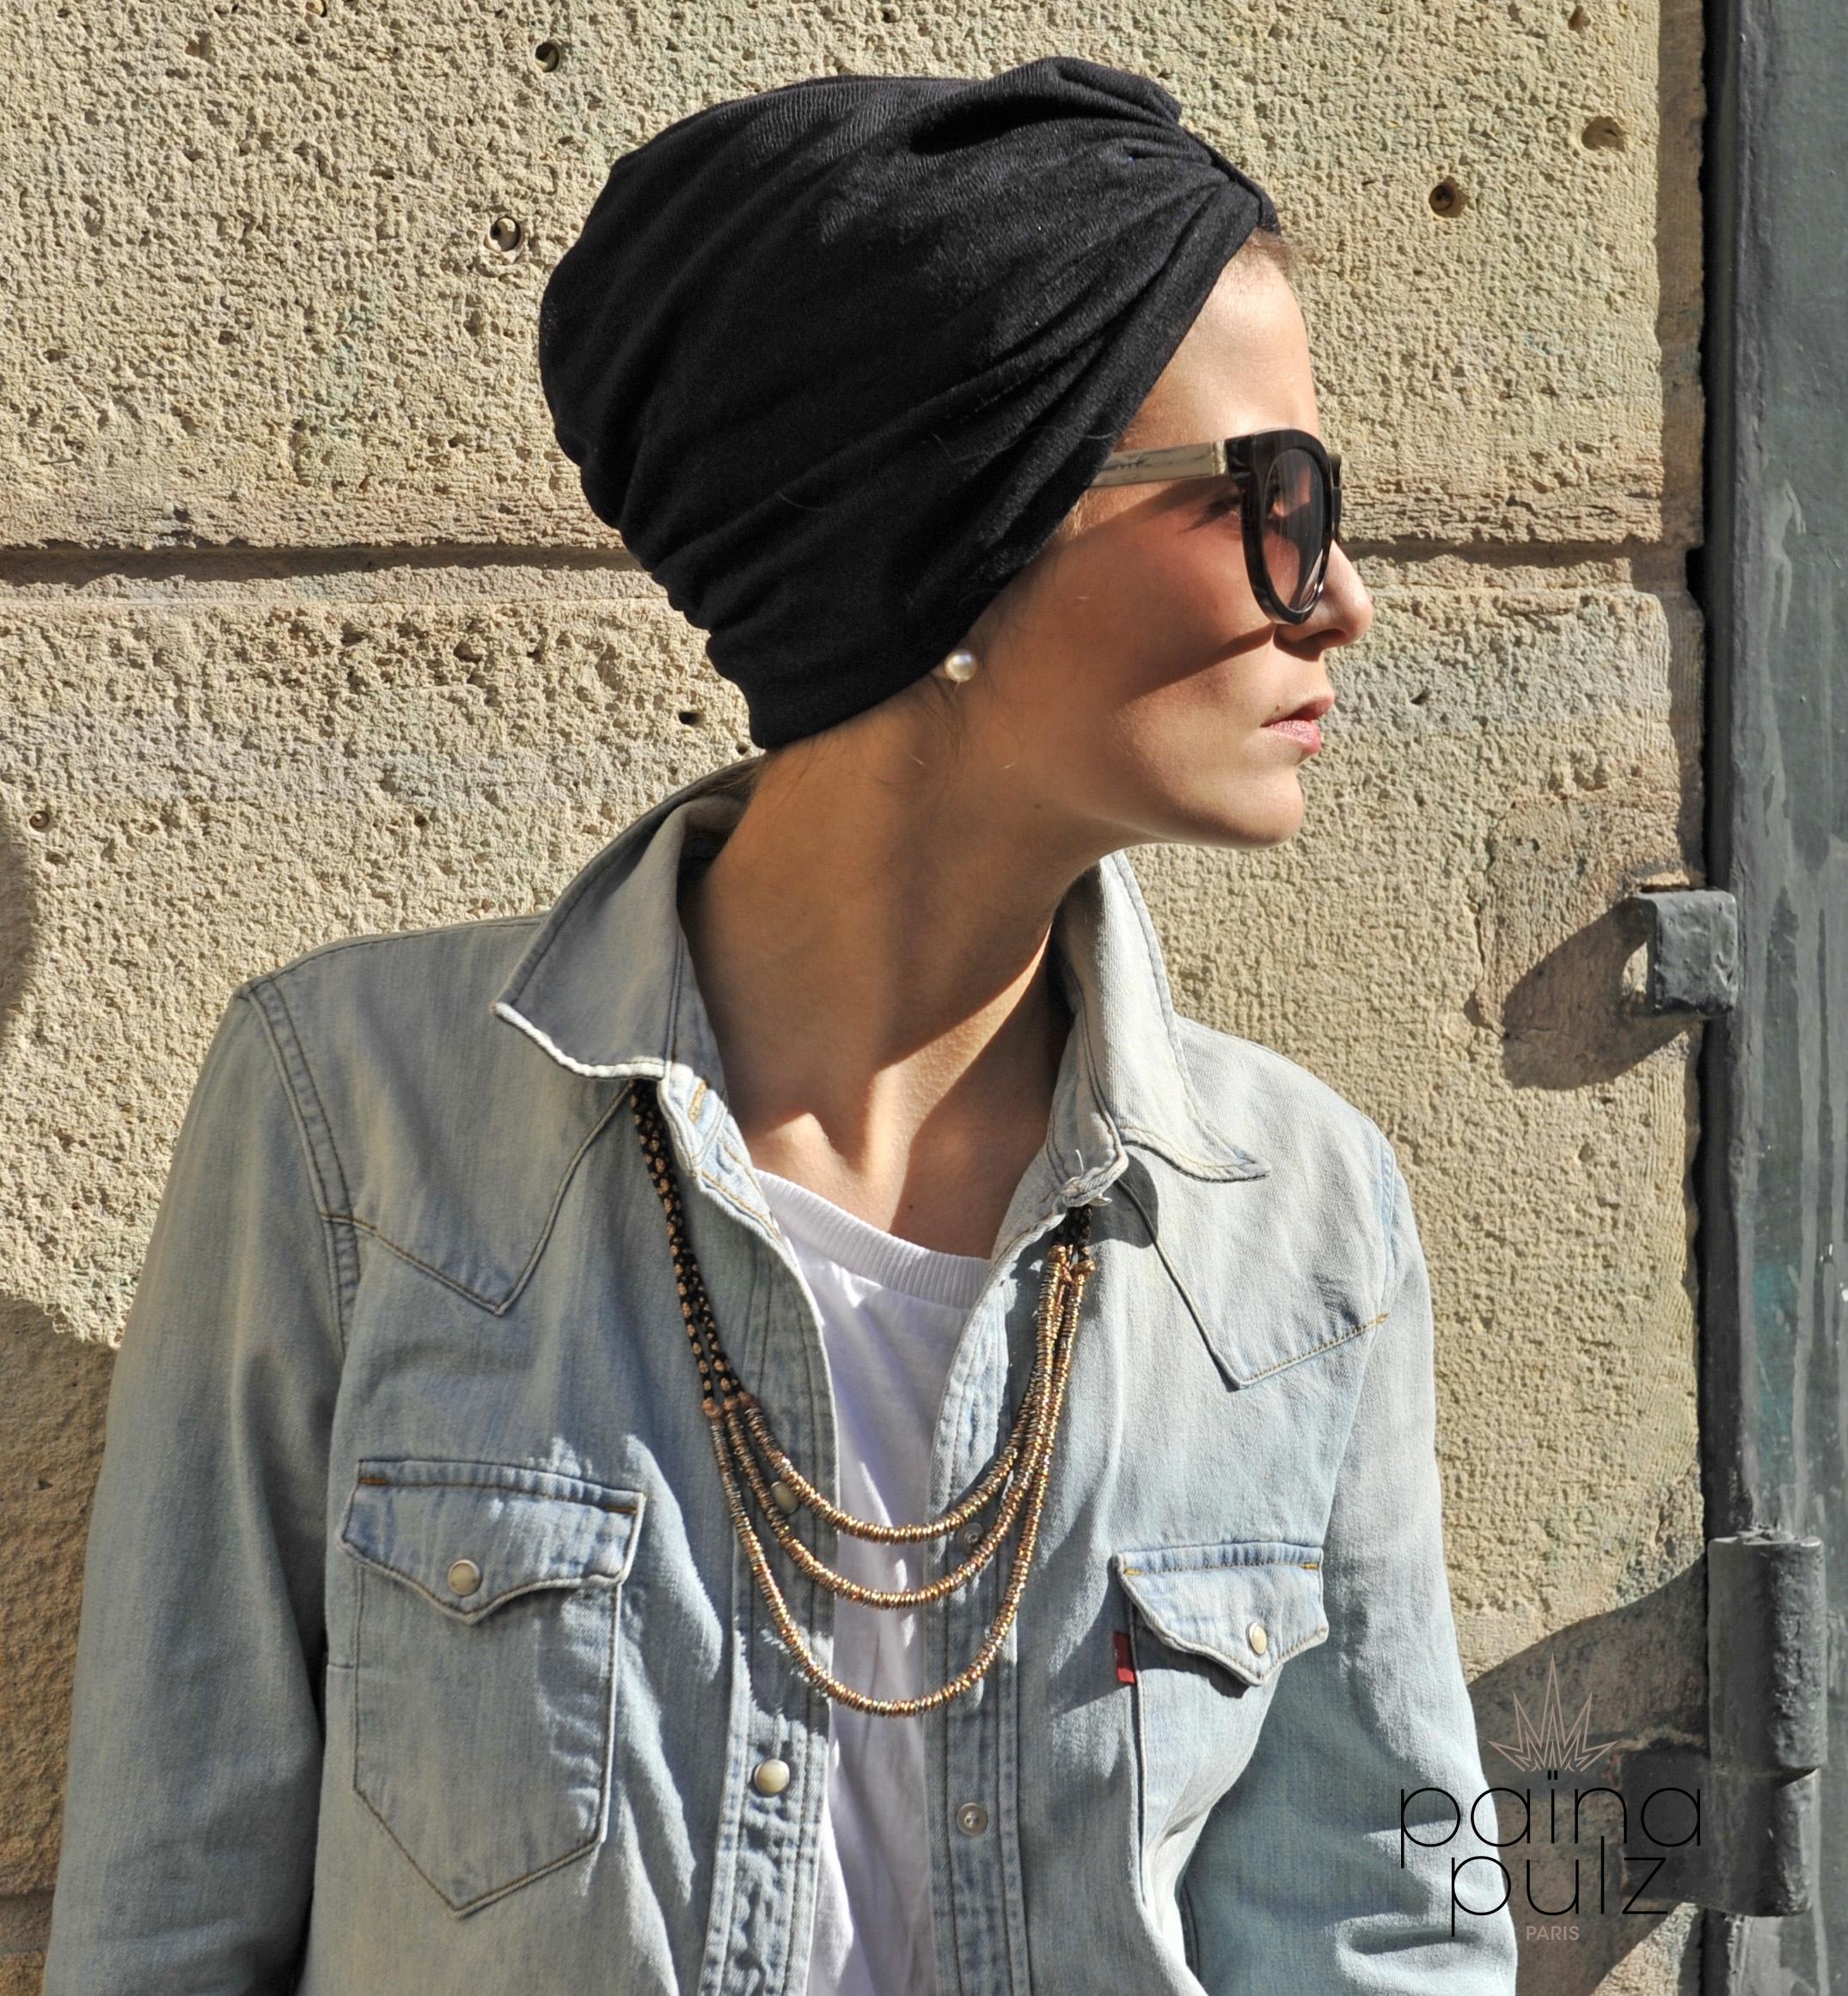 Turban femme Paina Pulz - Paris, Le Casual, noir